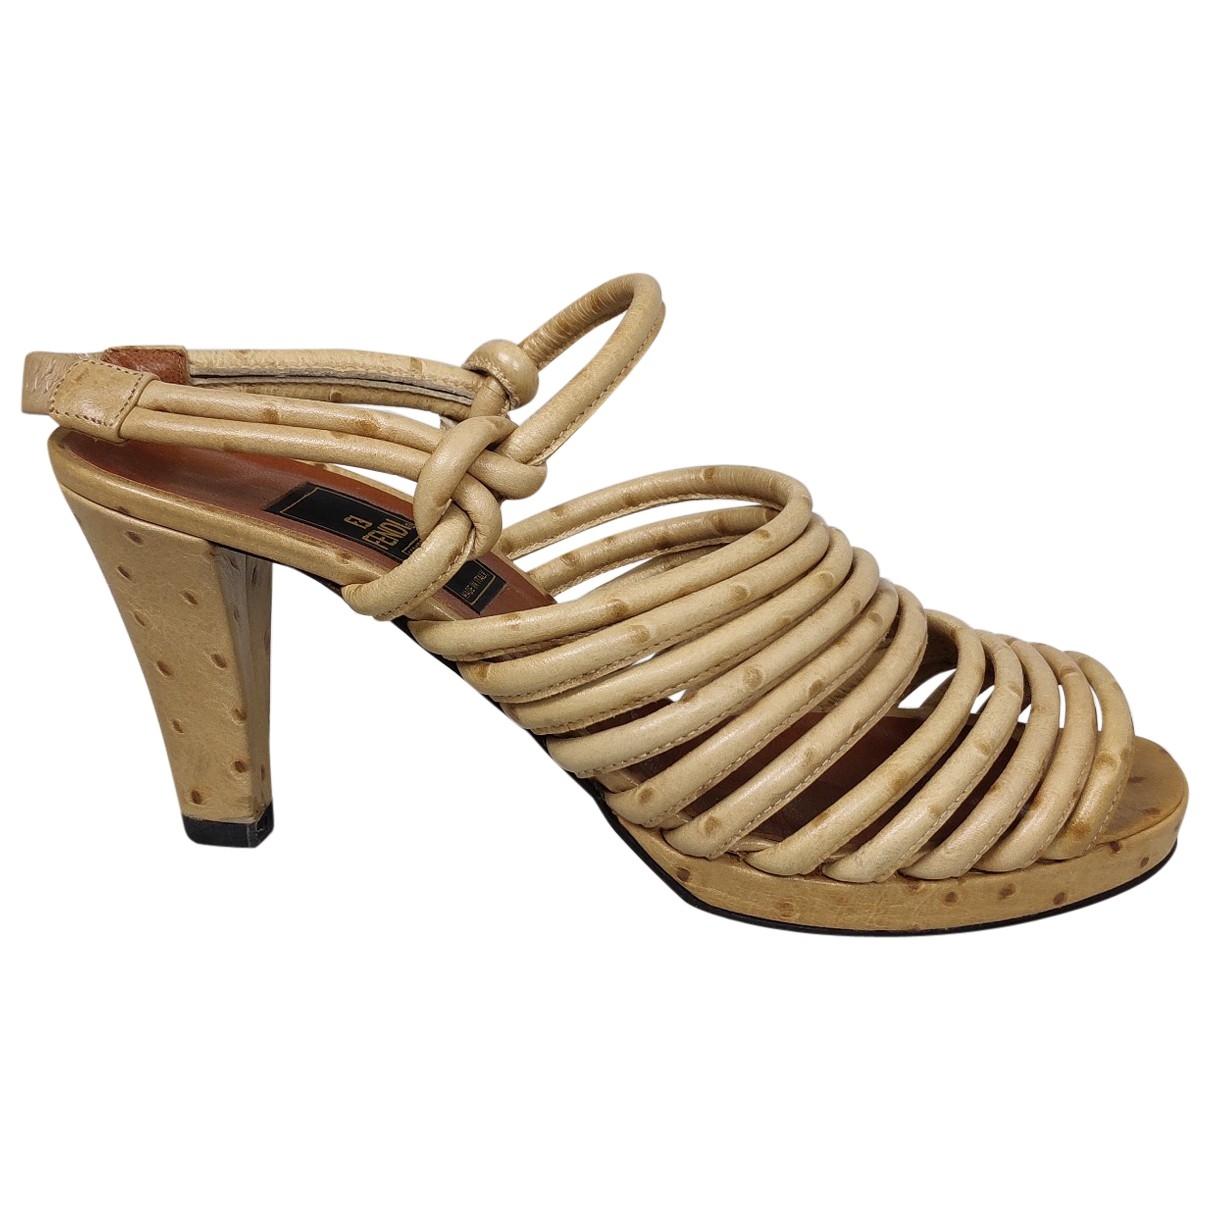 Sandalias de Avestruz Fendi